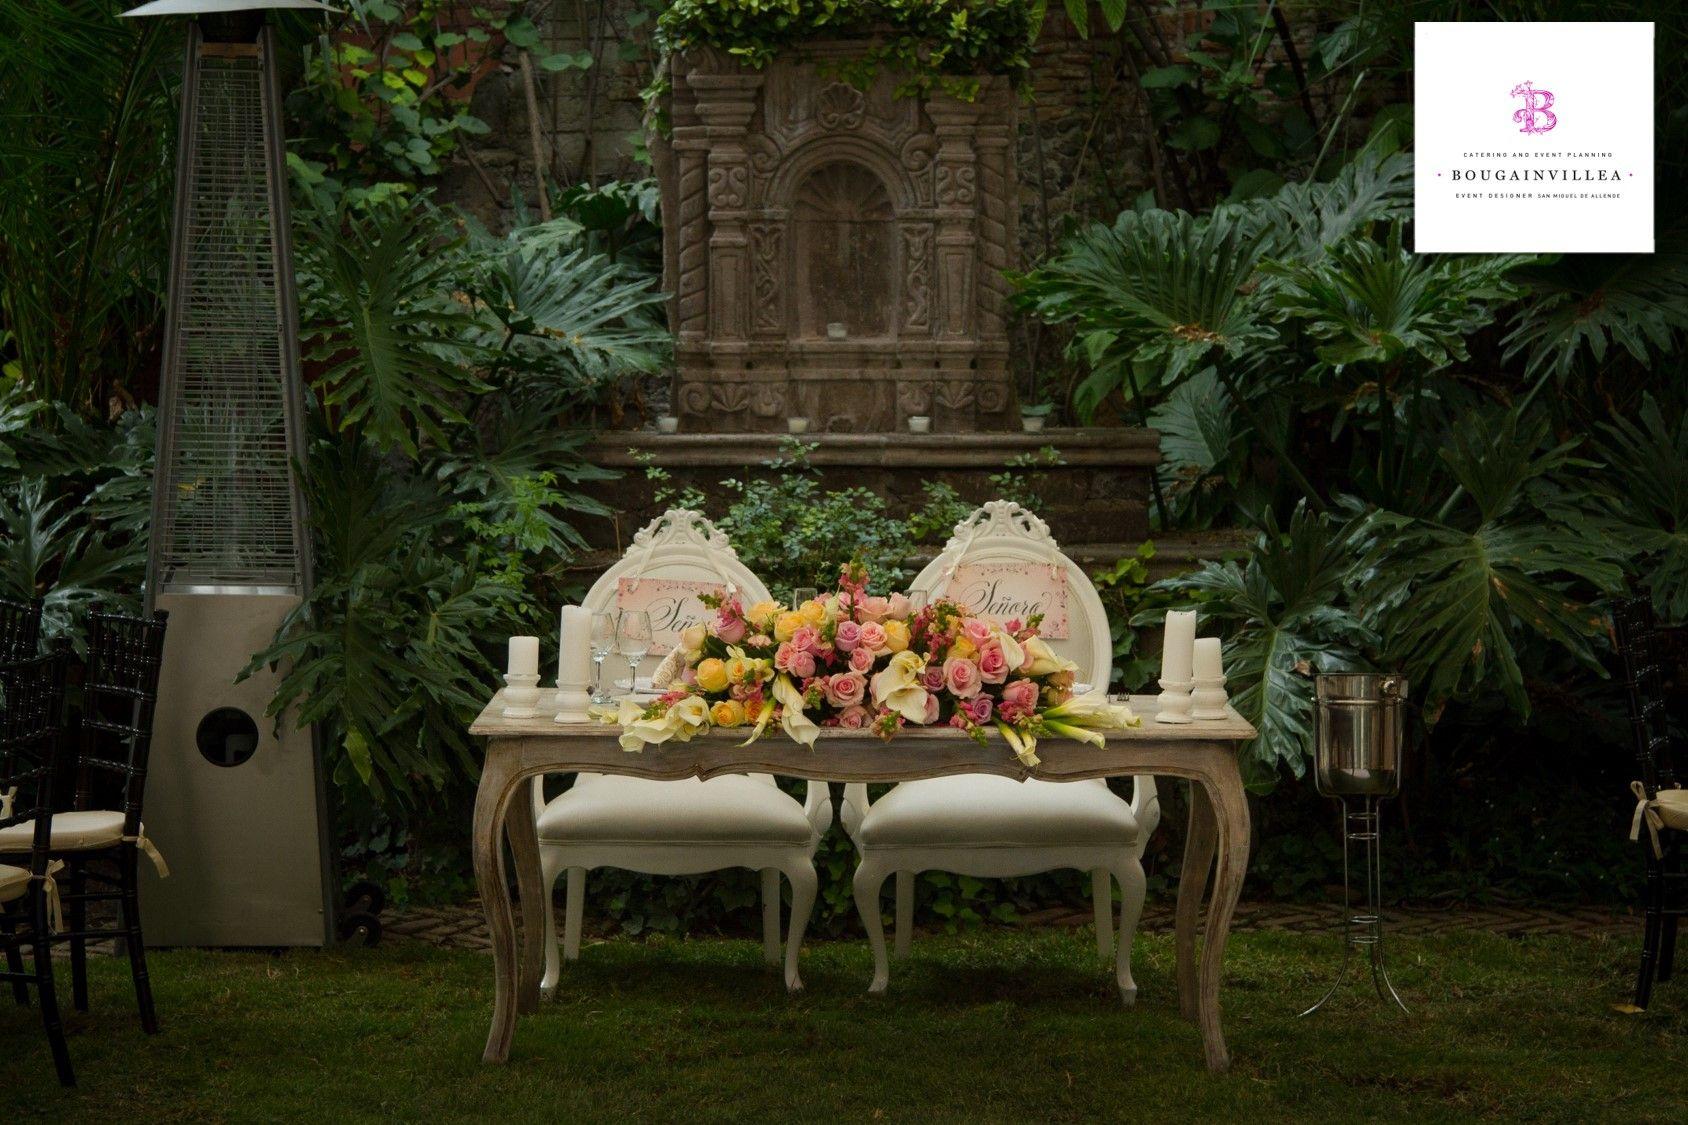 La mesa de novios, un detalle muy importante para www.bougainvilleabodas.com.mx – Wedding Planner  el día de tu Boda en San Miguel de Allende, Guanajuato, México.